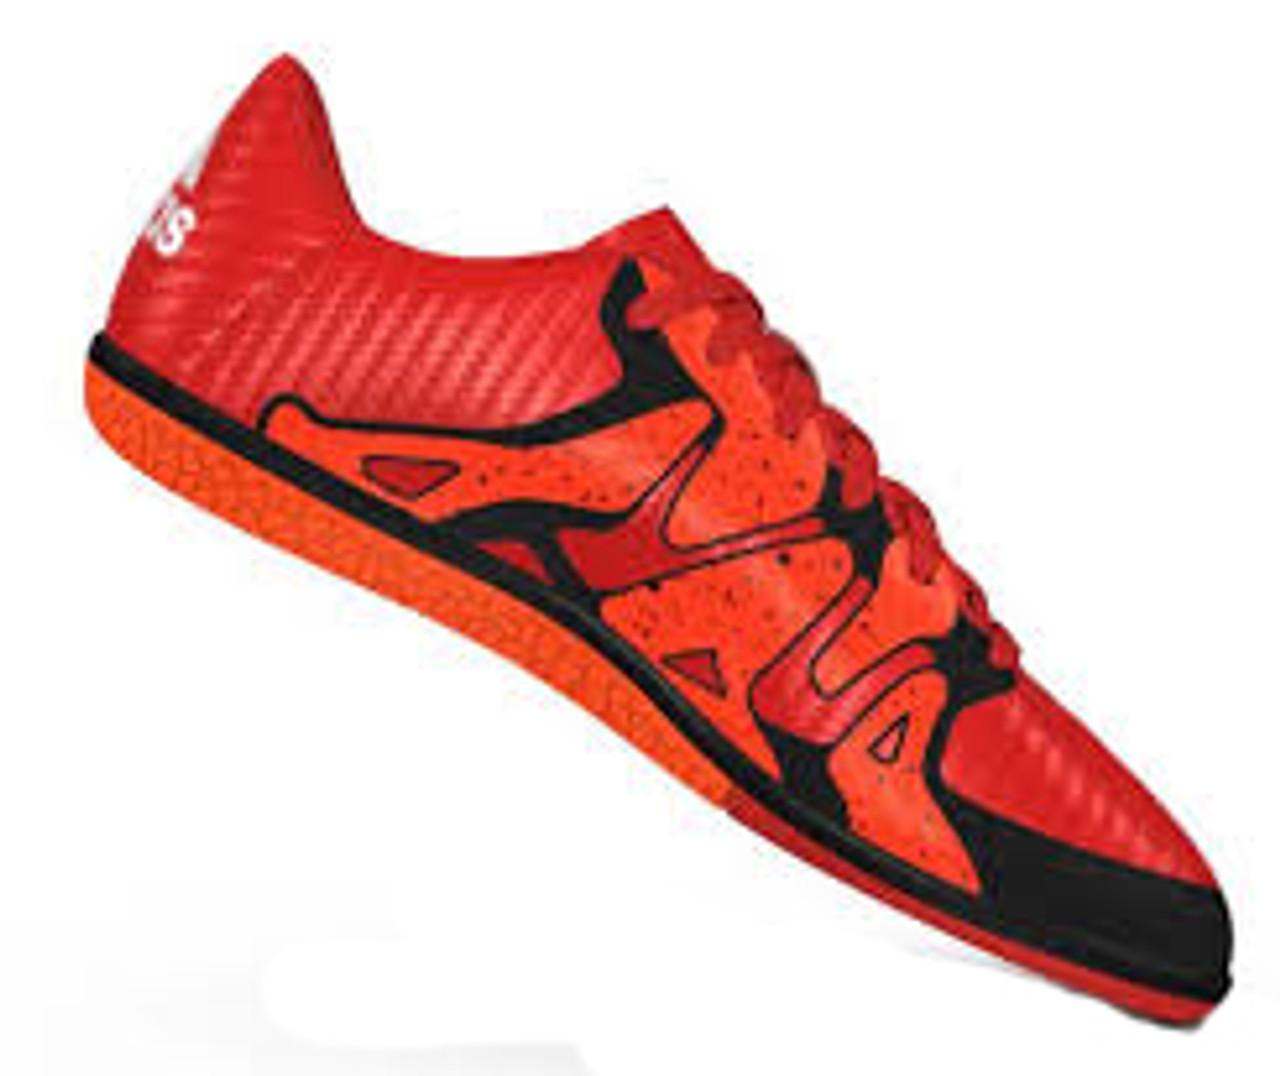 adidas ace 15.3 junior indoor football scarpe da ginnastica